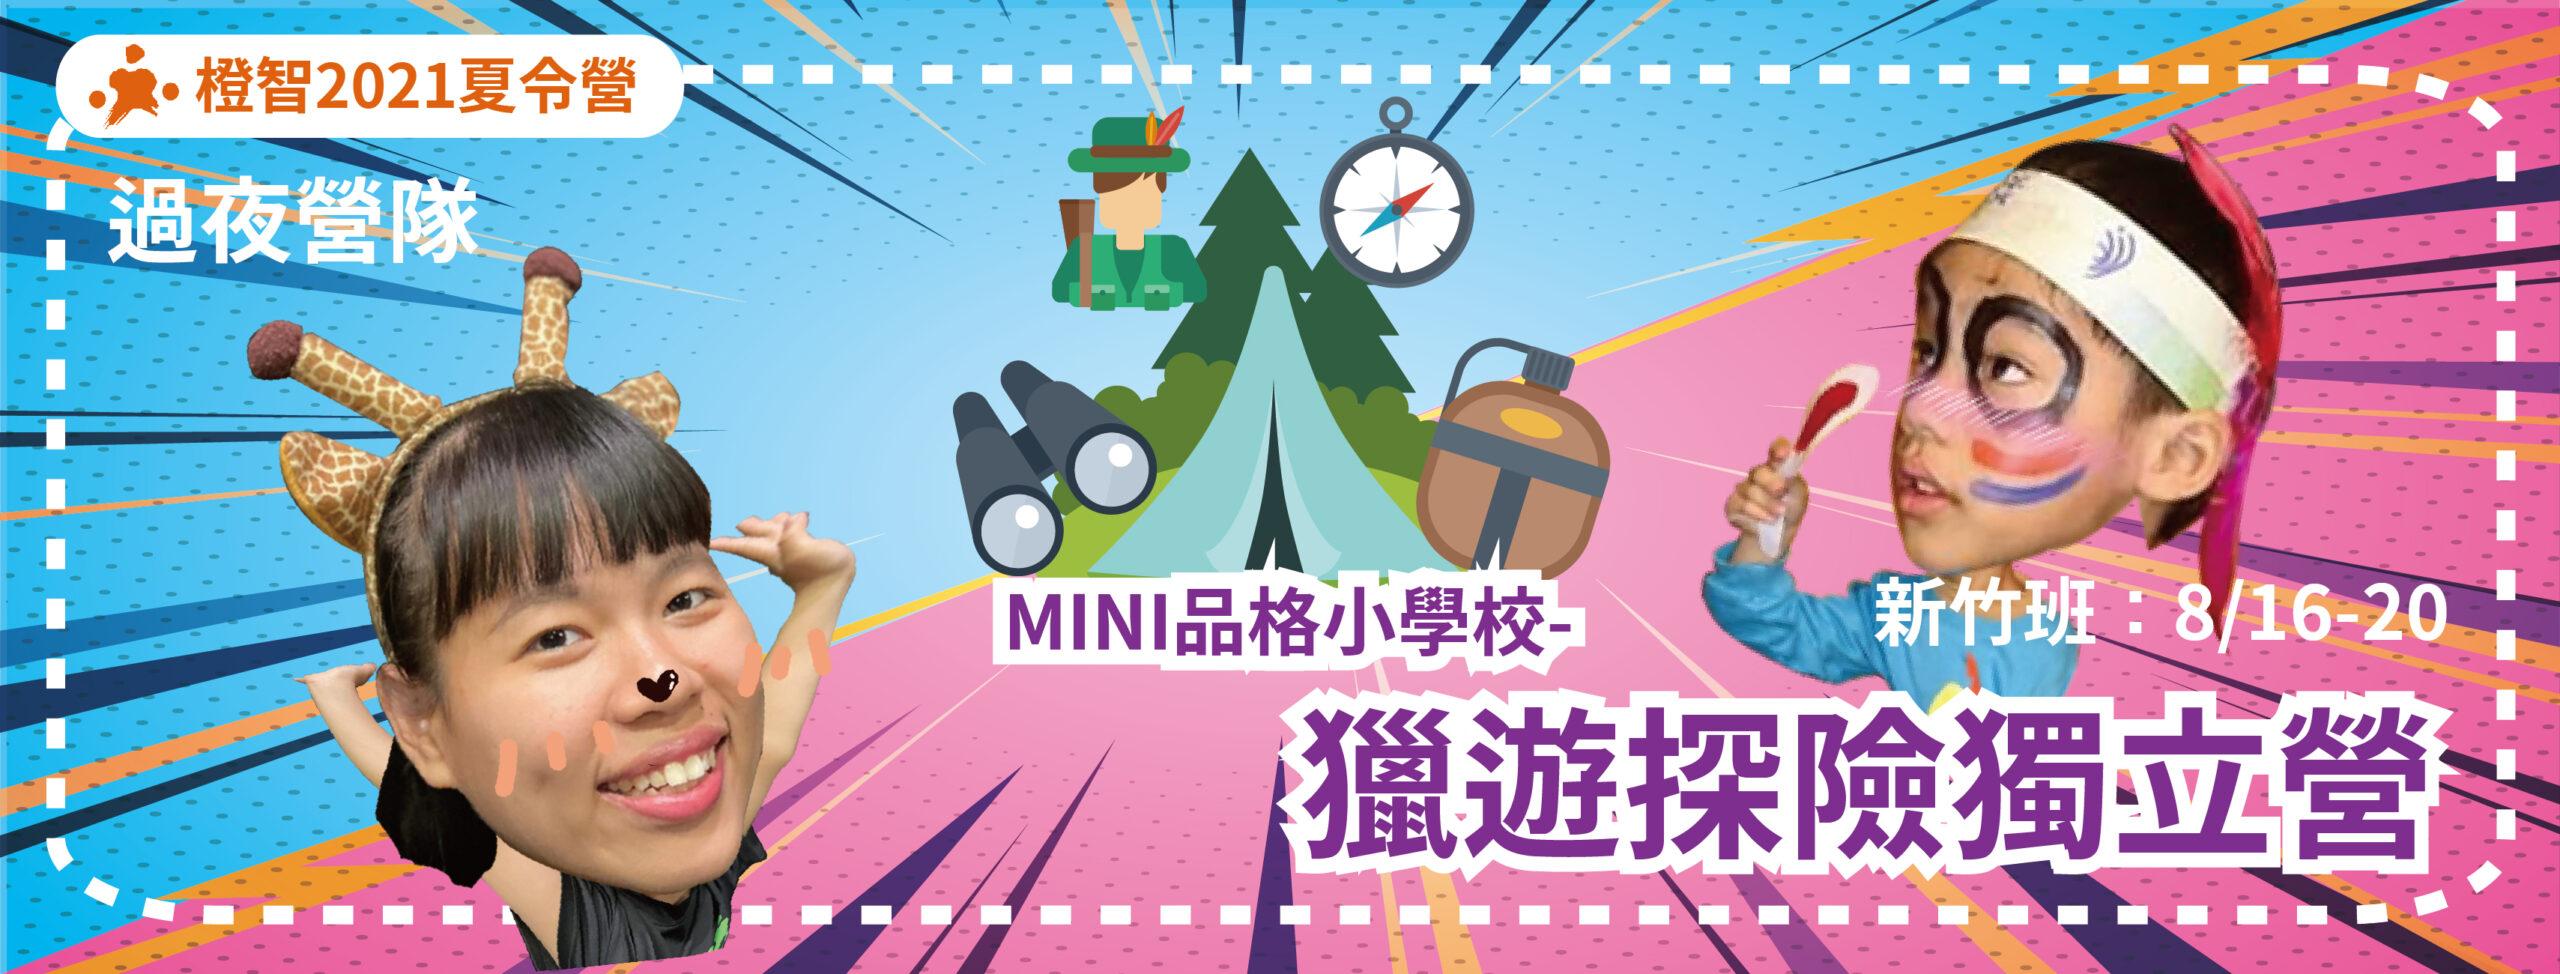 2021夏令營-Mini品格小學校-獵遊探險獨立營(幼兒營隊)